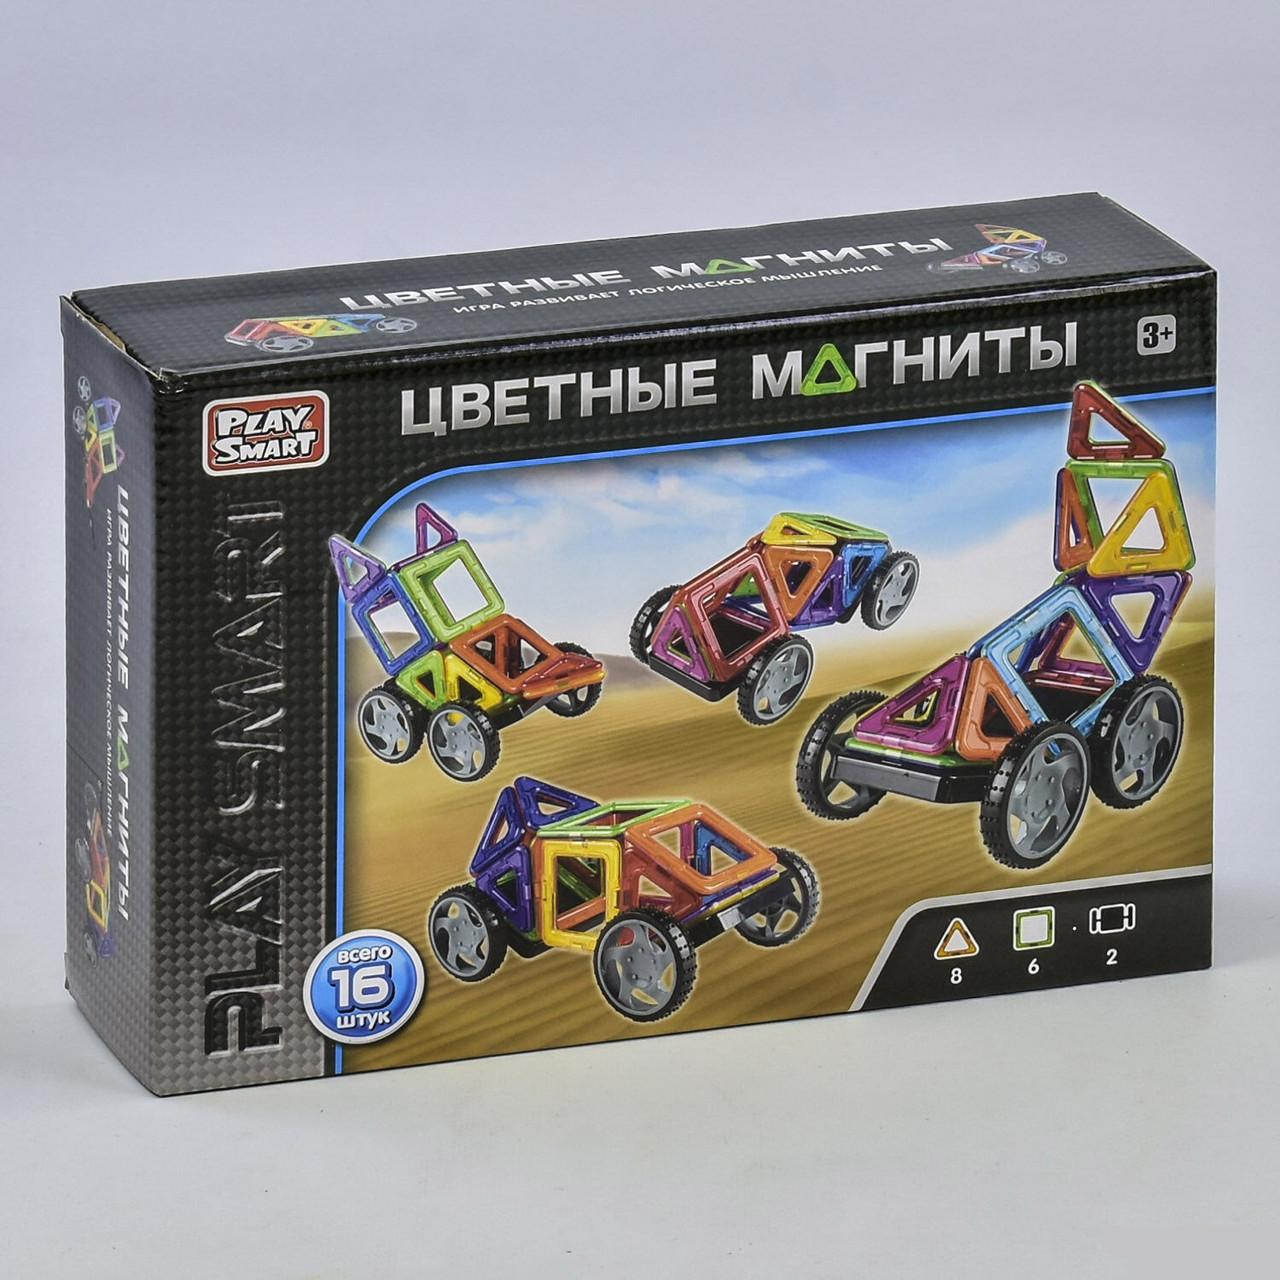 Магнитный конструктор цветные магниты Play Smart 2426